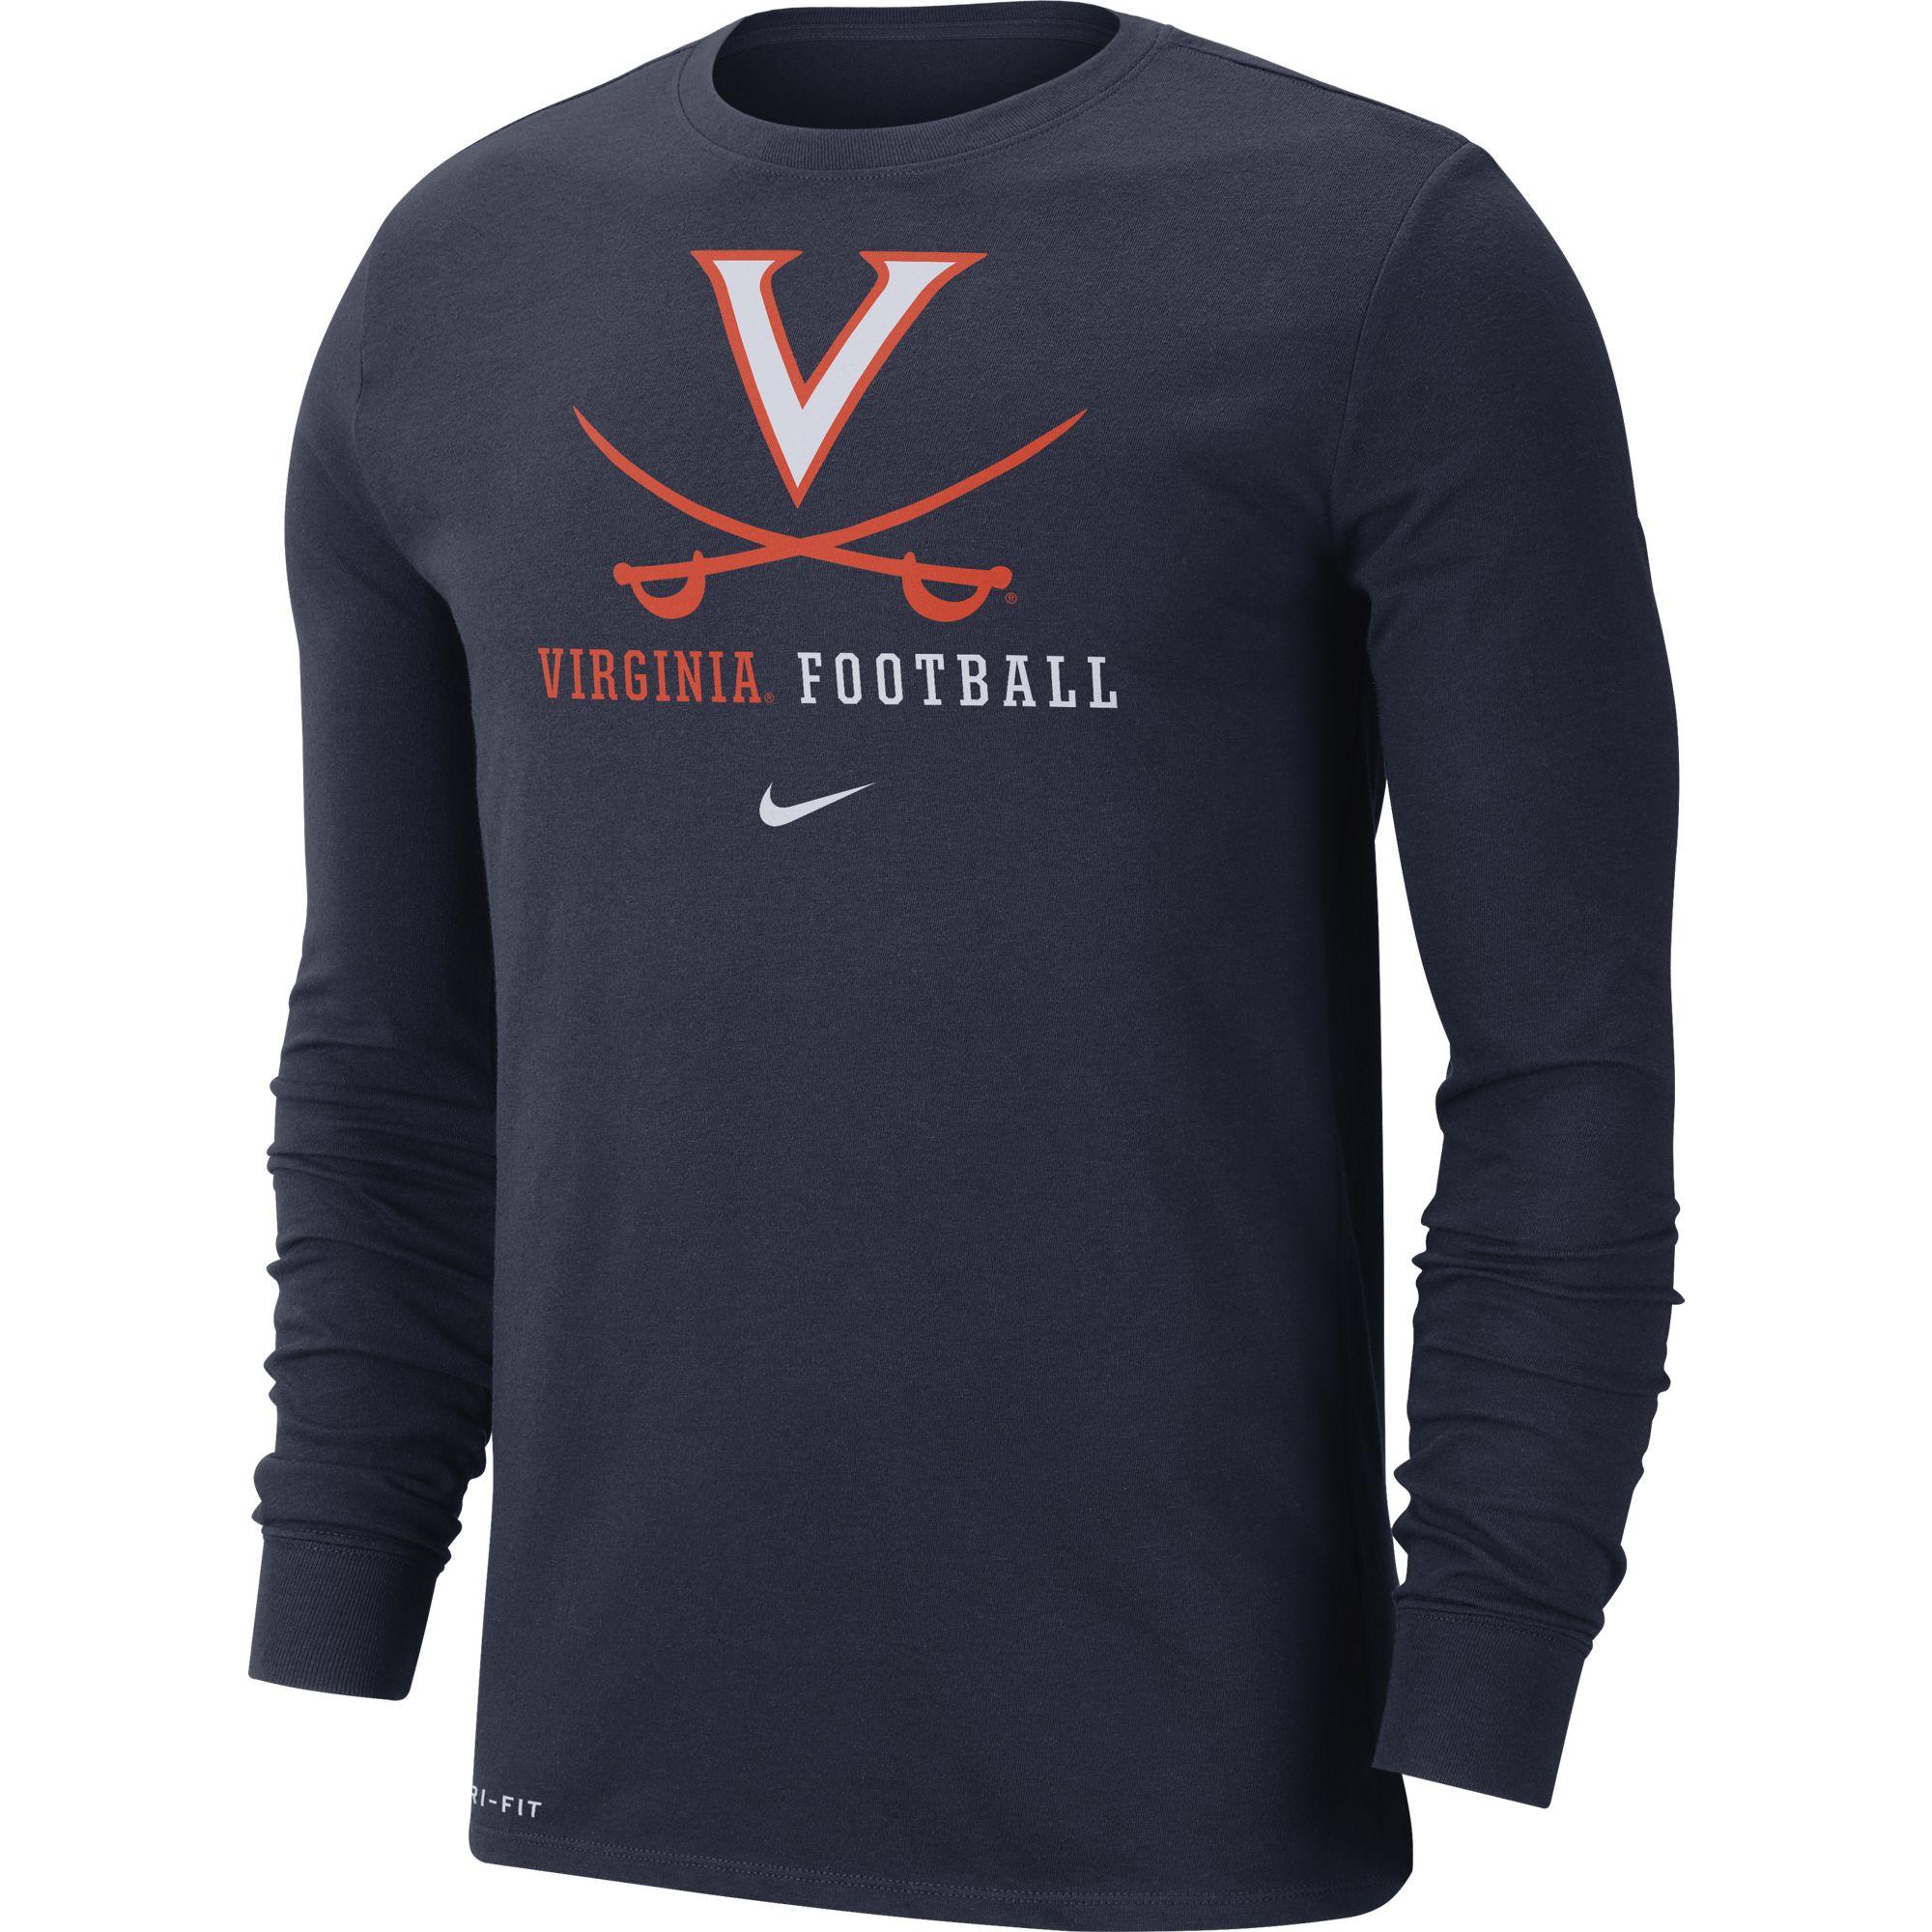 University of Virginia Football Longsleeve Crew